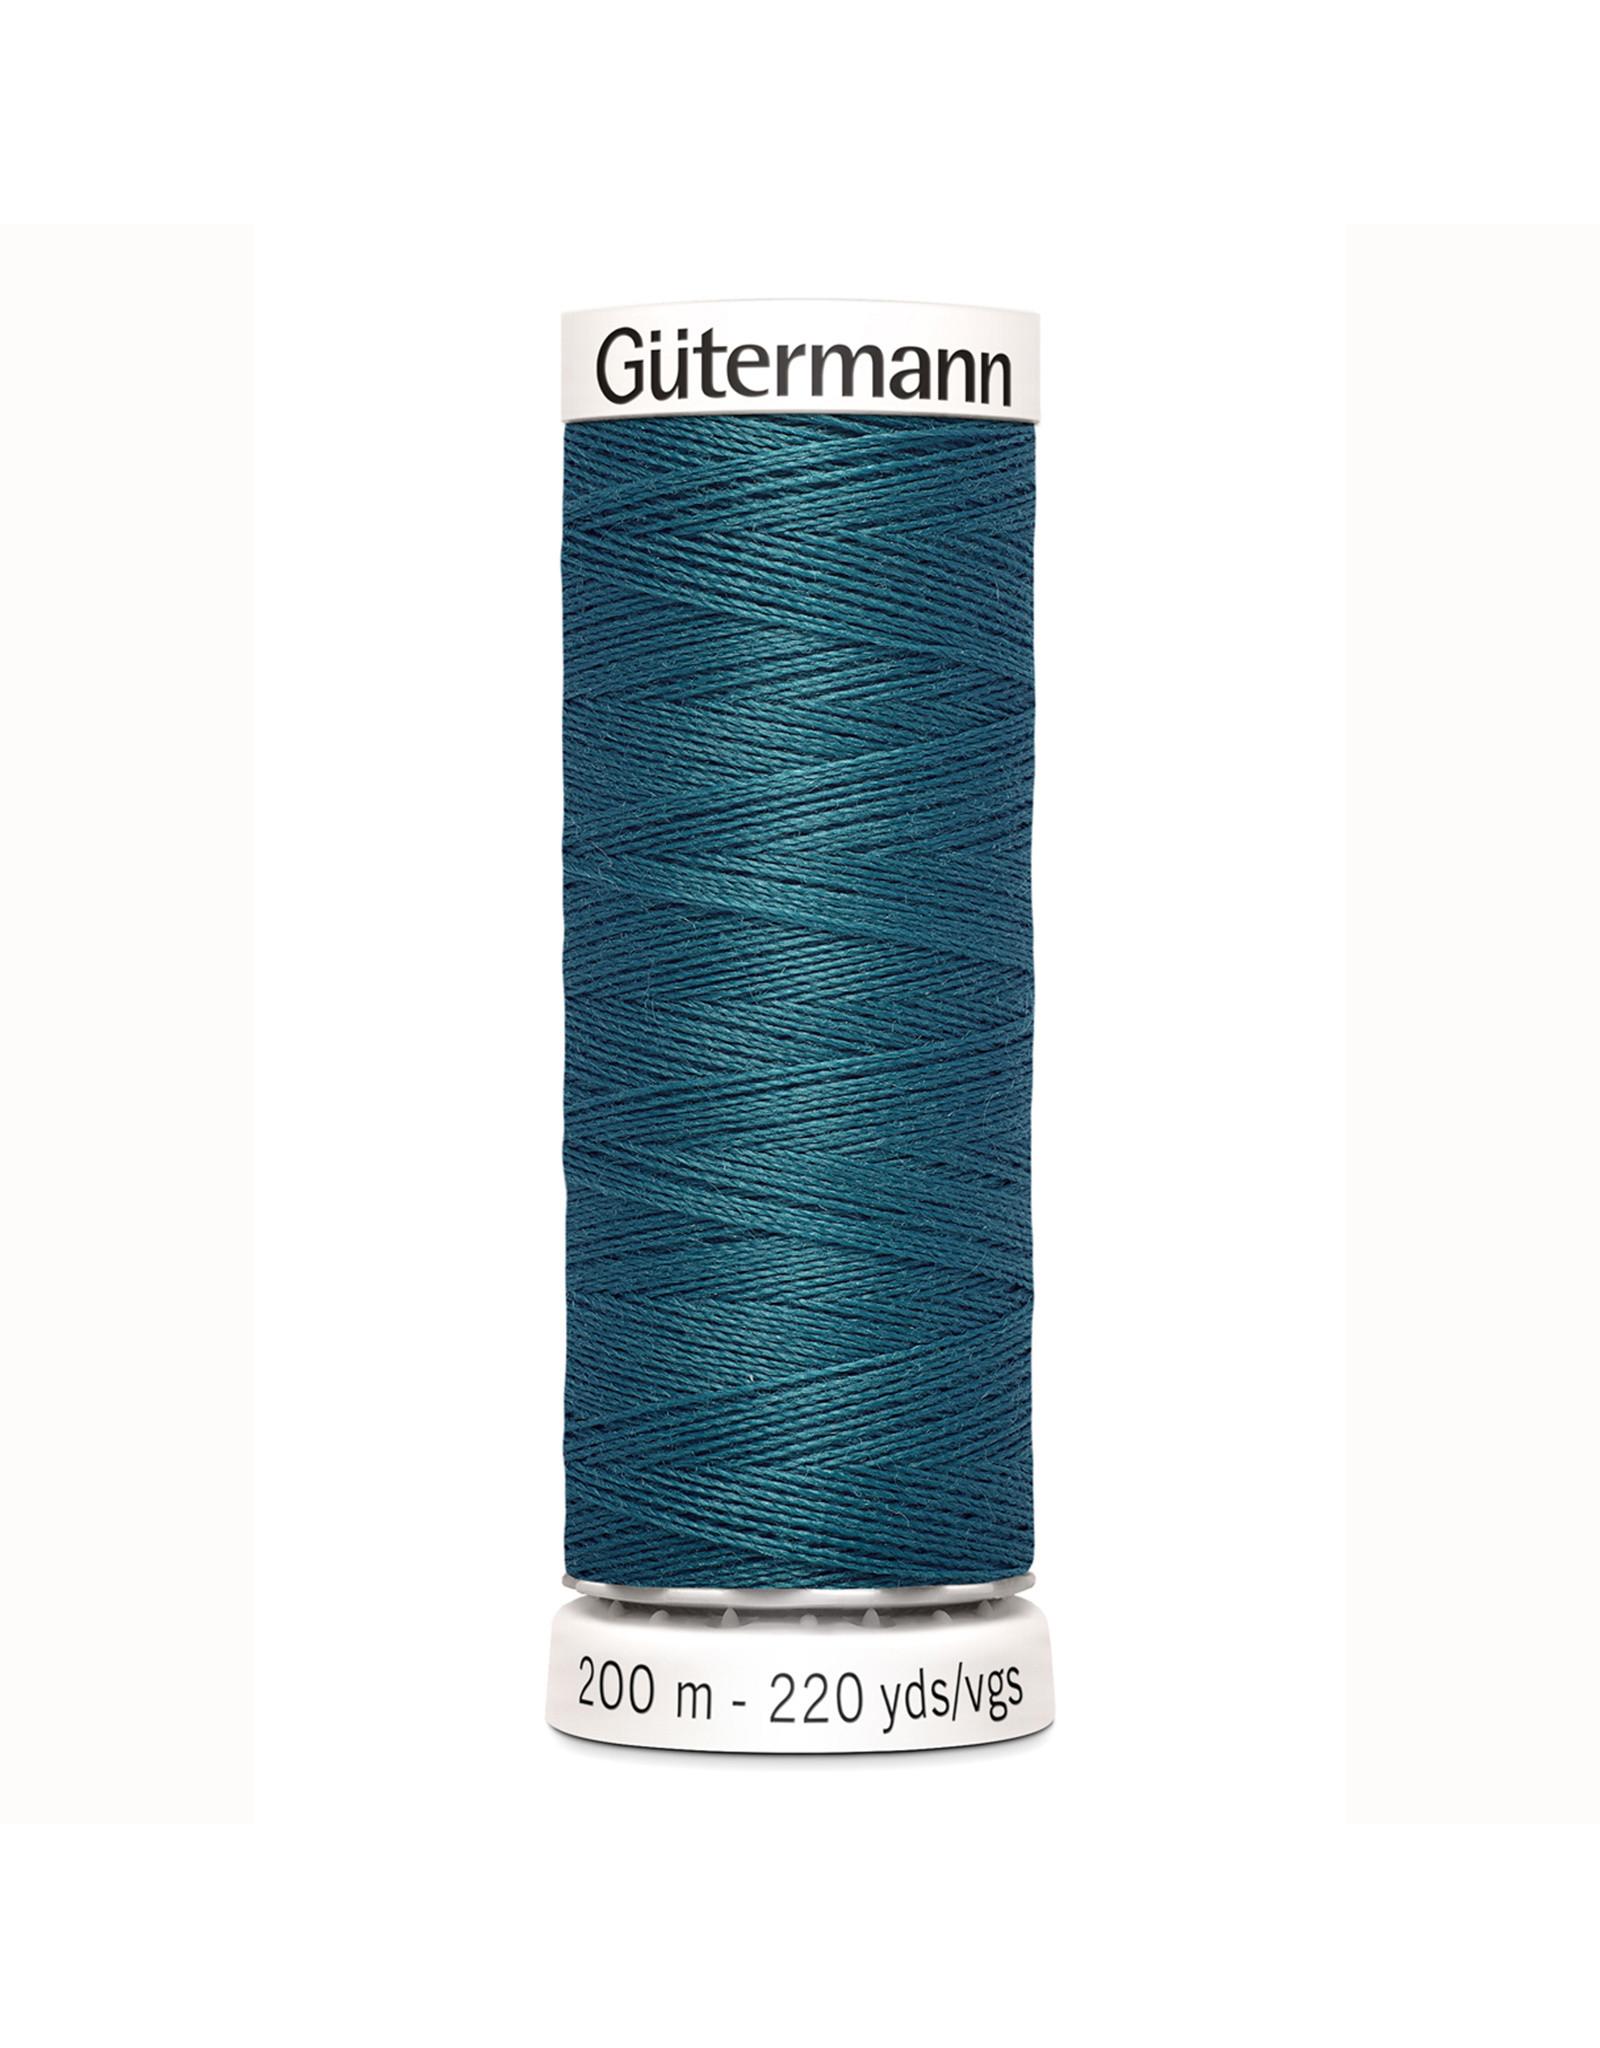 Gütermann Gütermann Nähgarn 200 m - nr 223